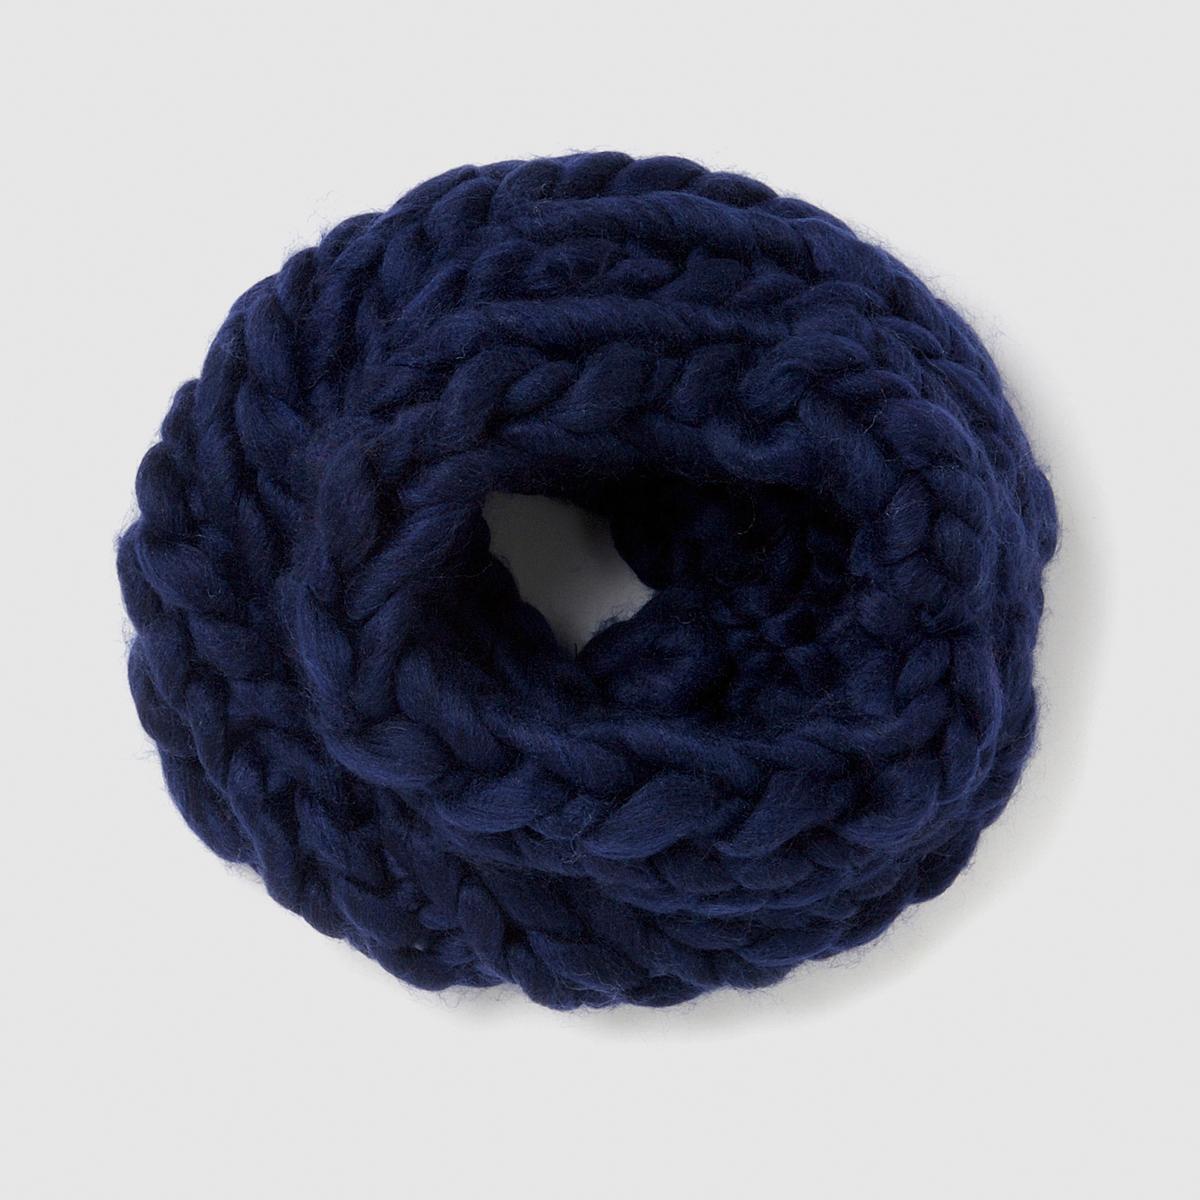 Шарф-снудШарф. Теплый и всегда модный шарф из плотного трикотажа, стильный аксессуар, с которым не страшны холода.Состав и описаниеМатериал : 100% акрилаРазмер : обхват 75 см- Высота : 26 см<br><br>Цвет: серый,синий морской<br>Размер: единый размер.единый размер